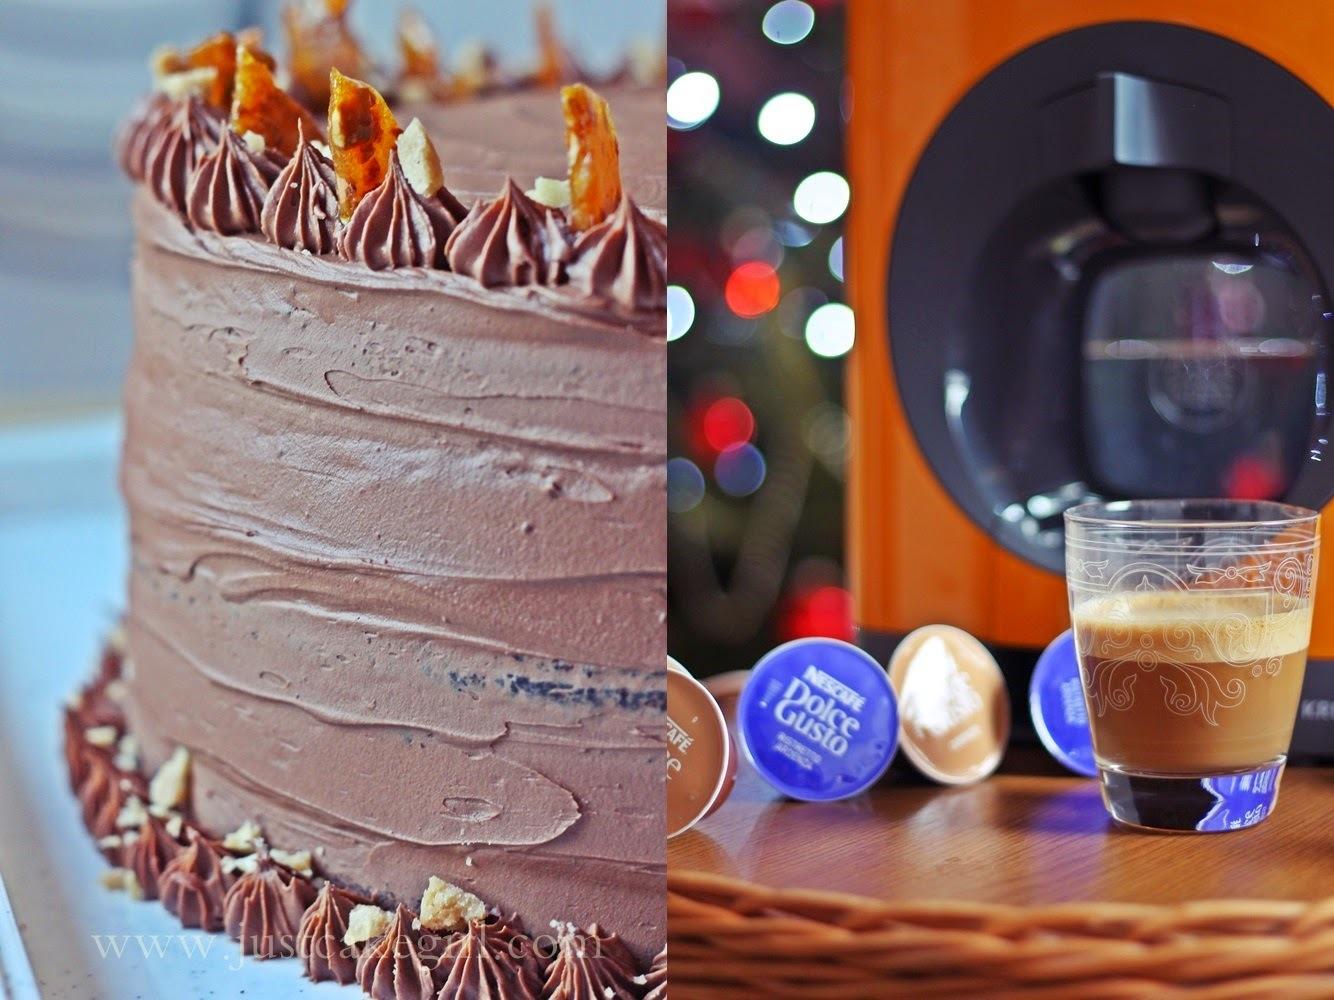 Novogodišnja torta - lješnjak ili pistacija :)